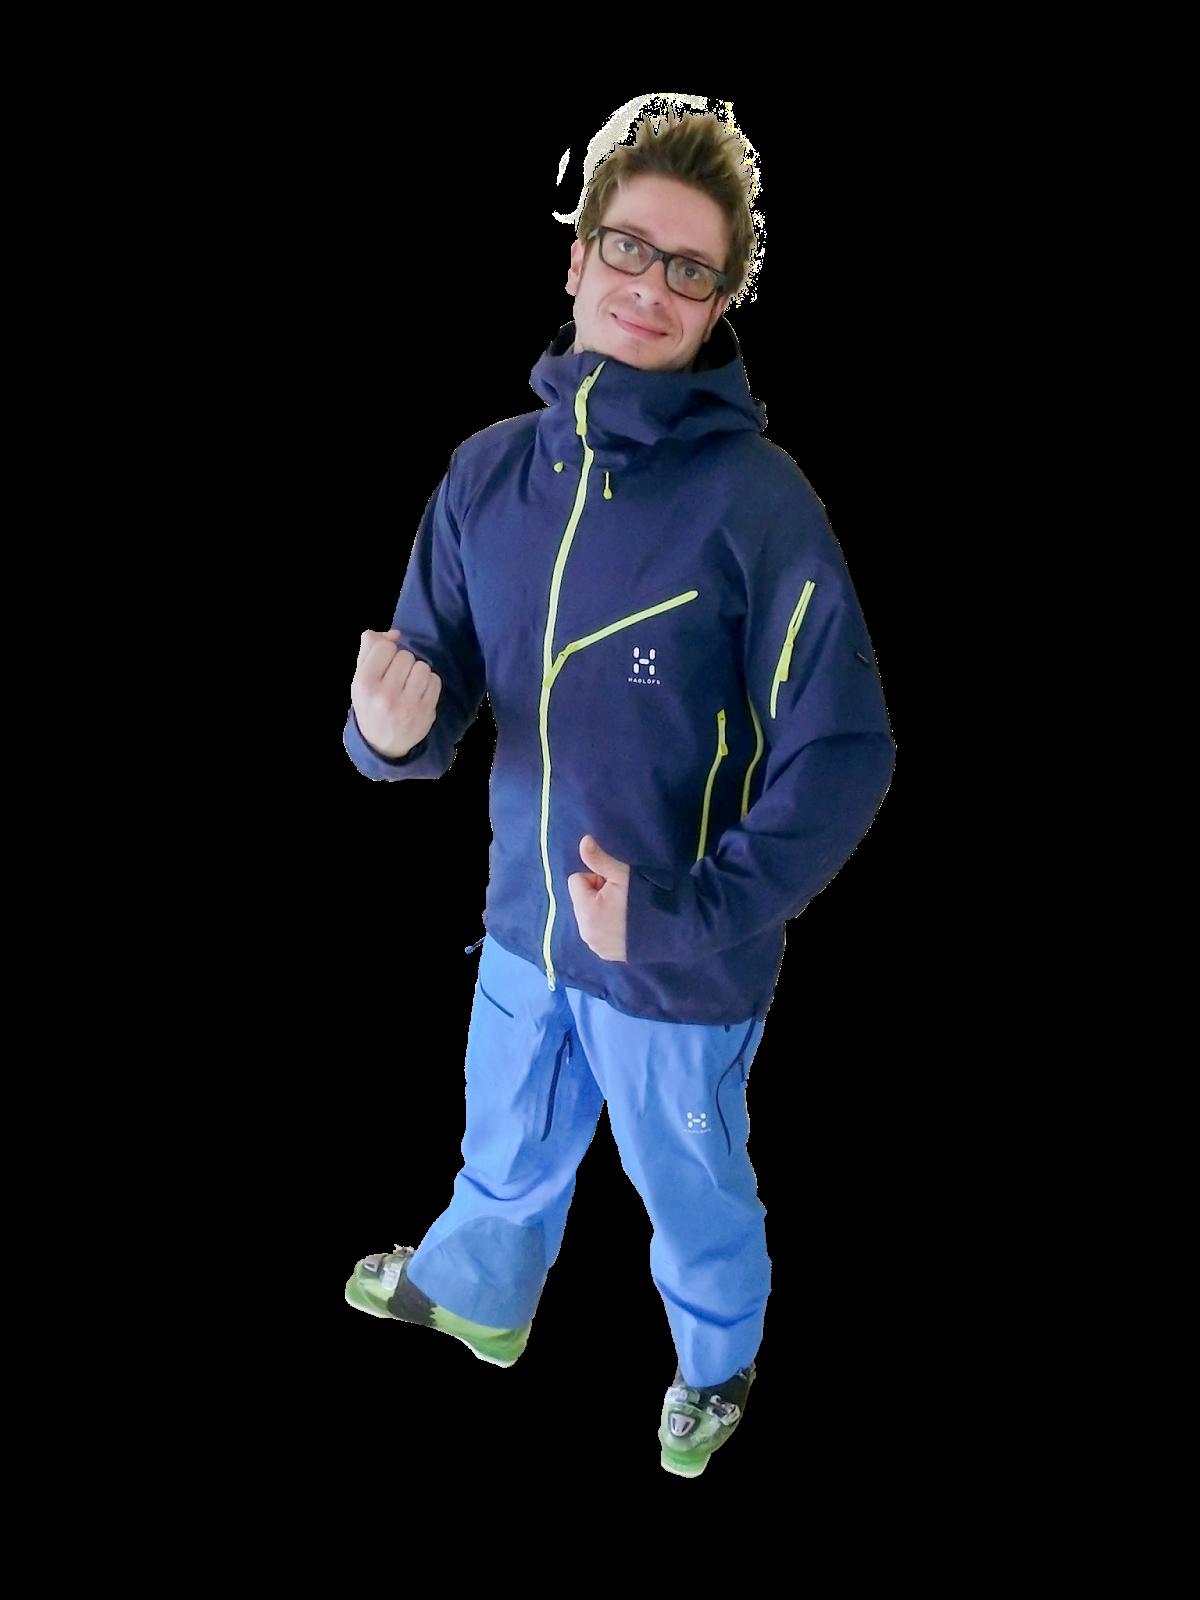 Haglöfs Couloir Pro Jacket / Couloir Pro Pant Test